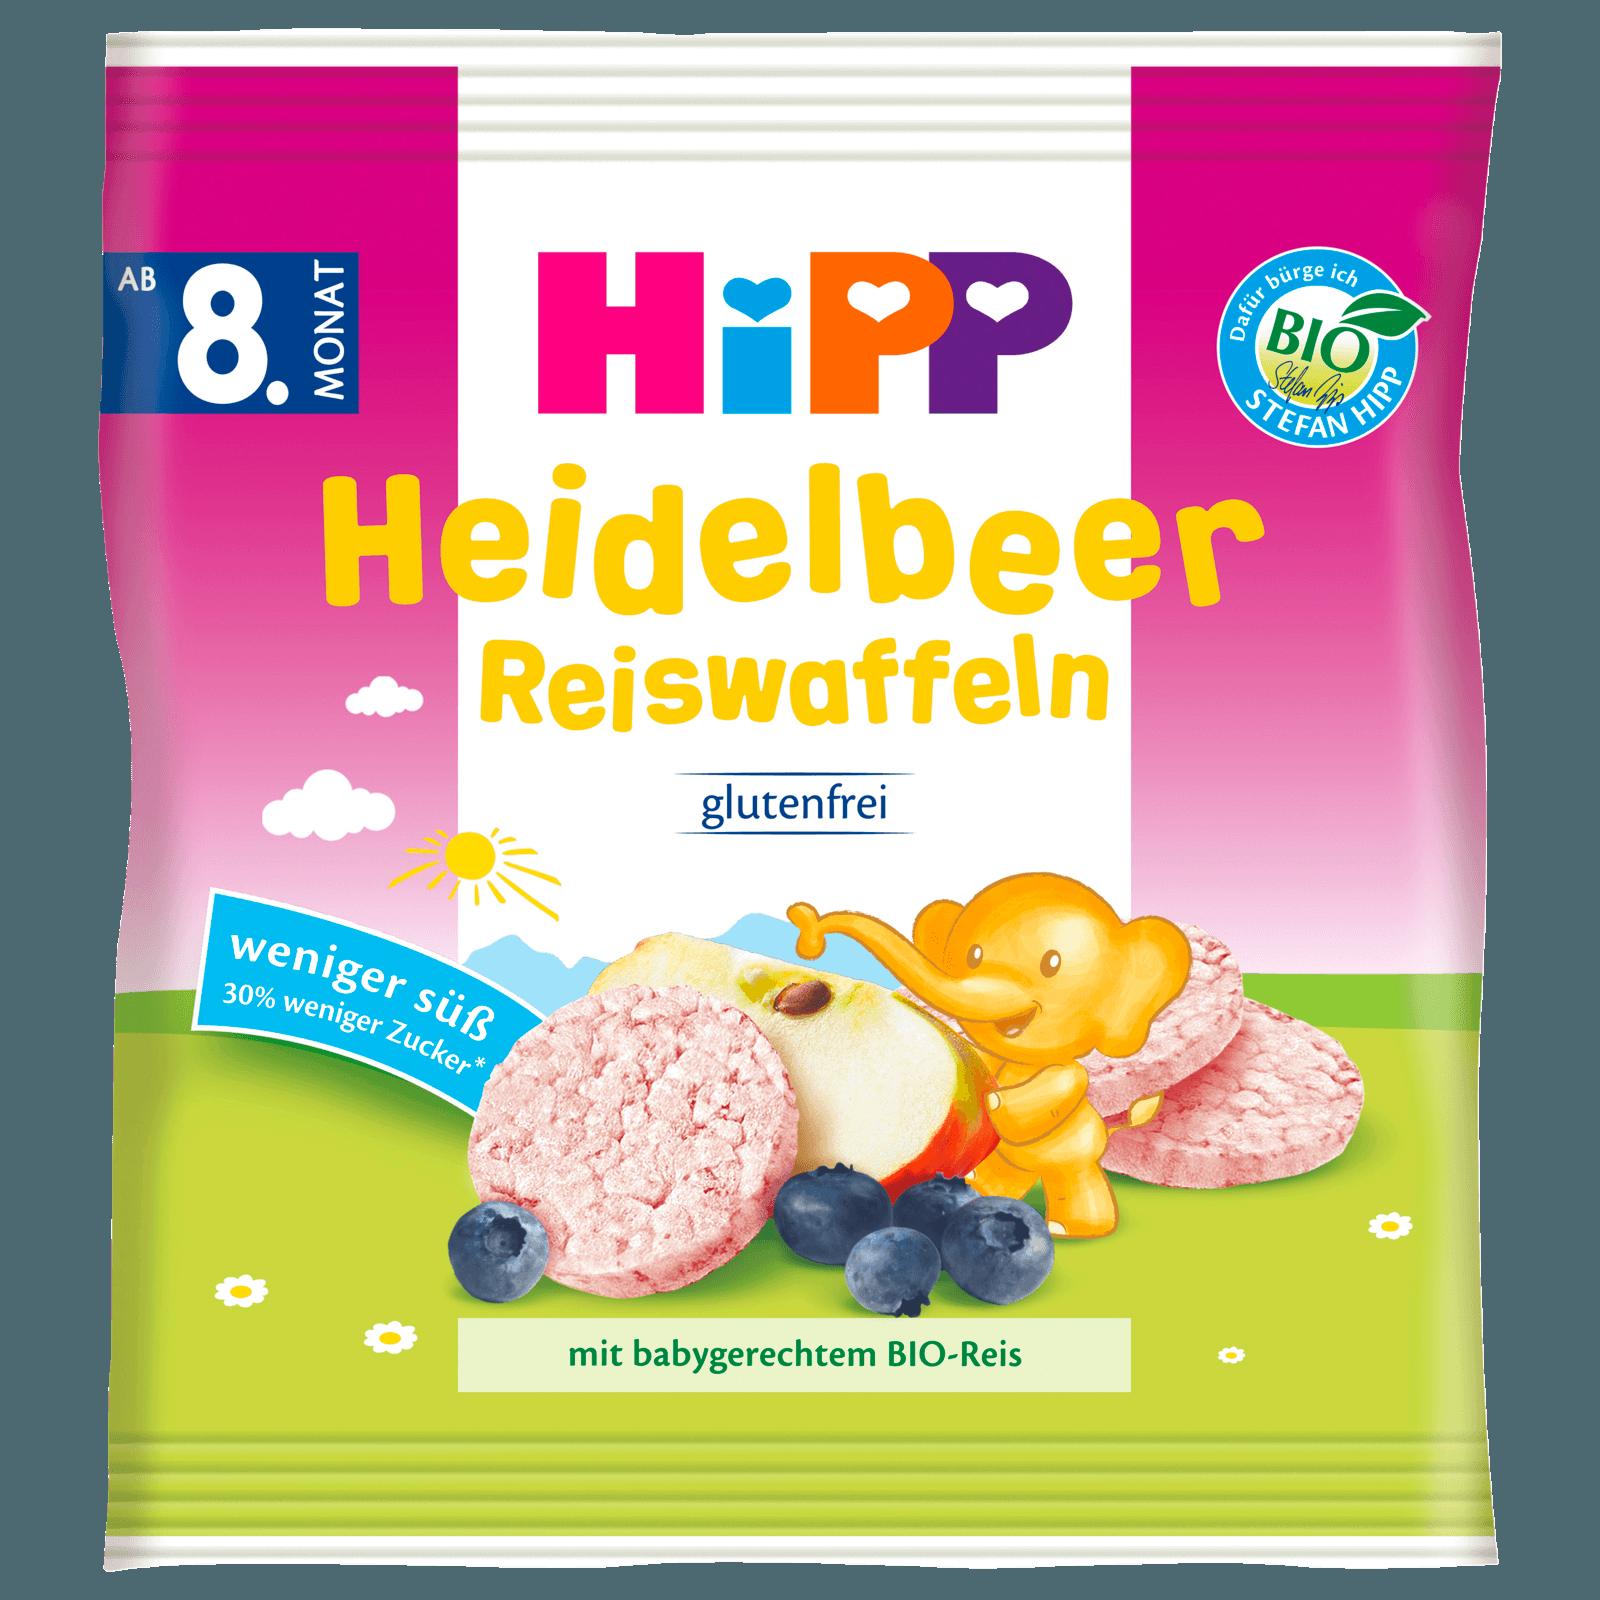 Hipp Knabberprodukte Heidelbeer Reiswaffeln ab 8. Monat 30g